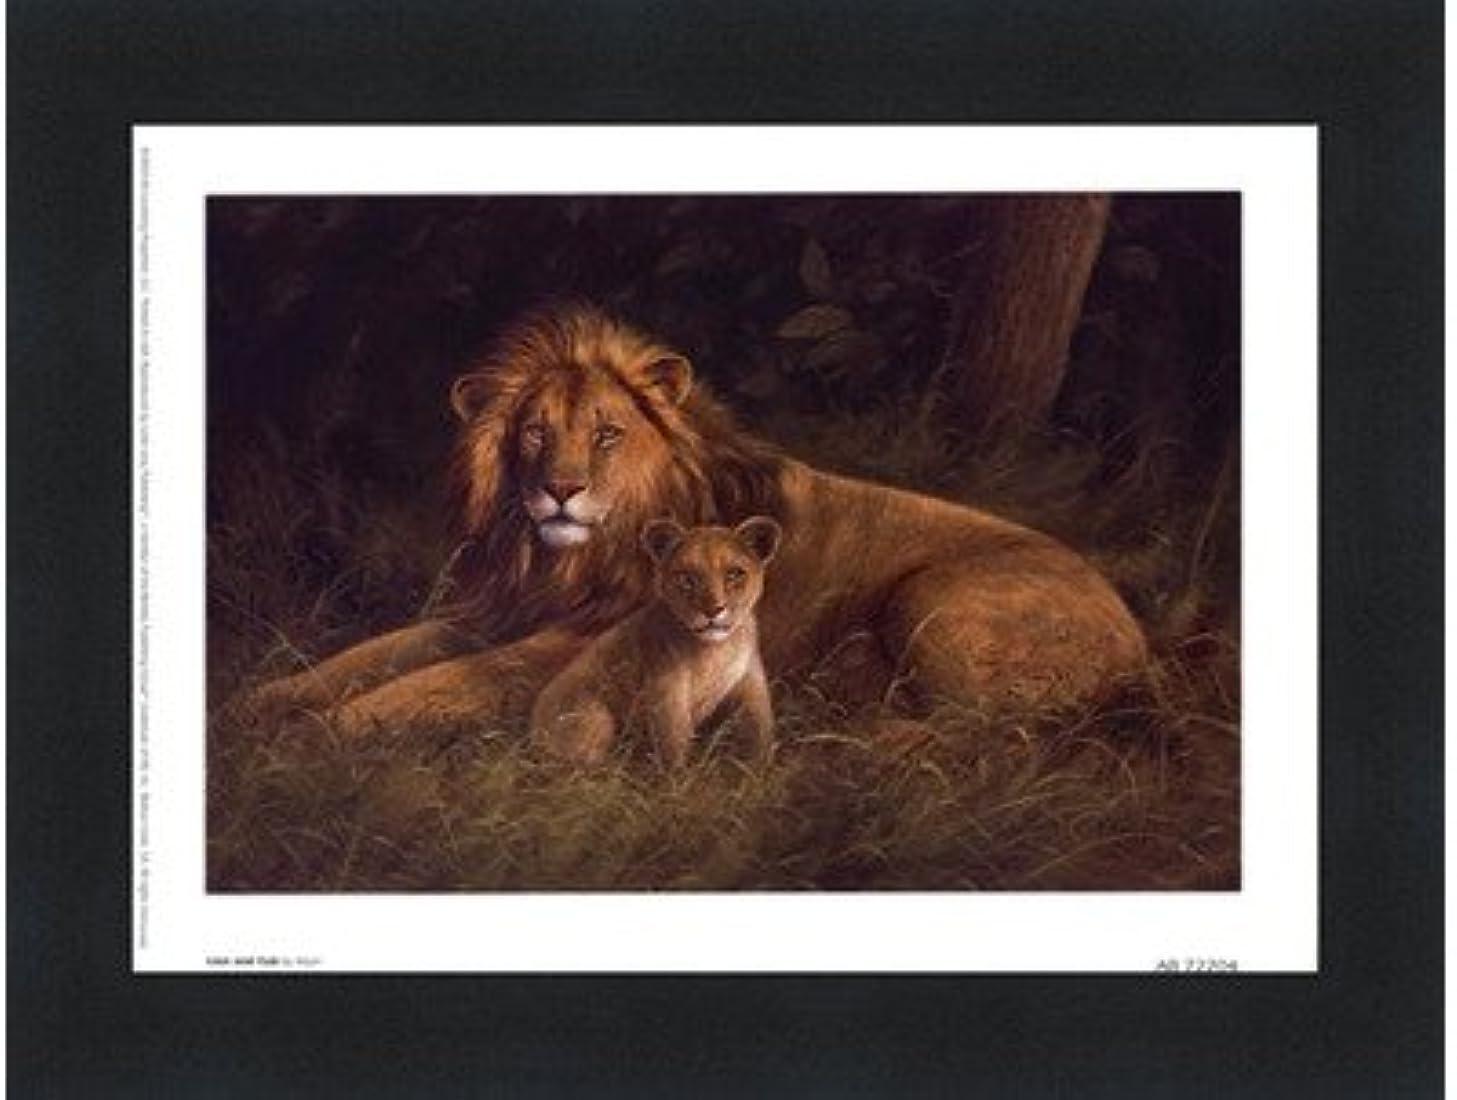 同僚異議高齢者Lion and Cub by Kilian – 8 x 6インチ – アートプリントポスター LE_66922-F101-8x6